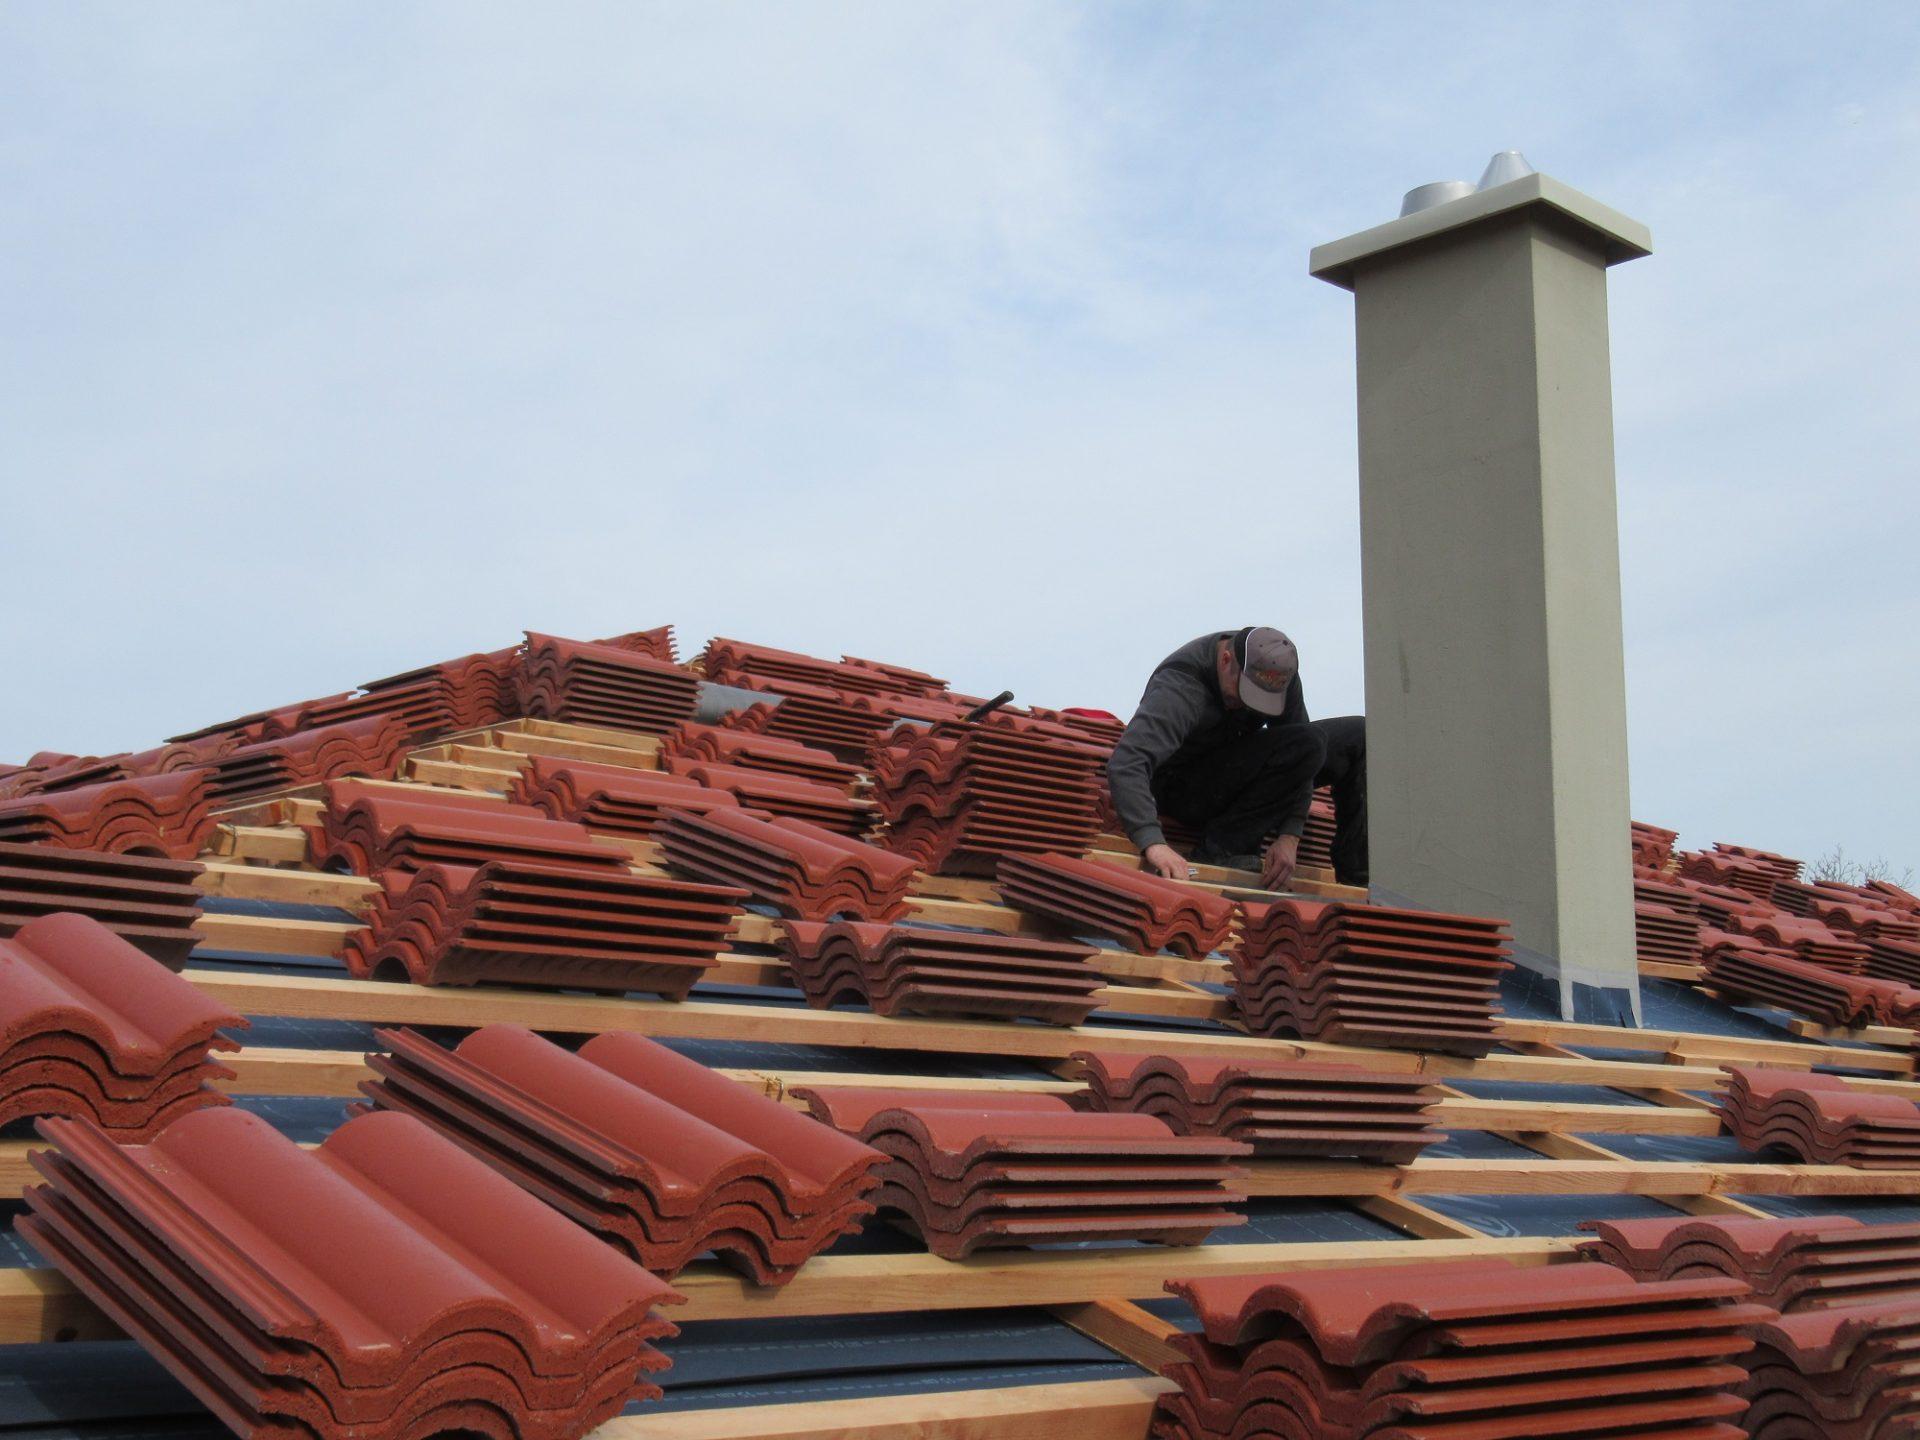 Stavba strechy krok za krokom #3: Pokladanie krytiny a doplnkov